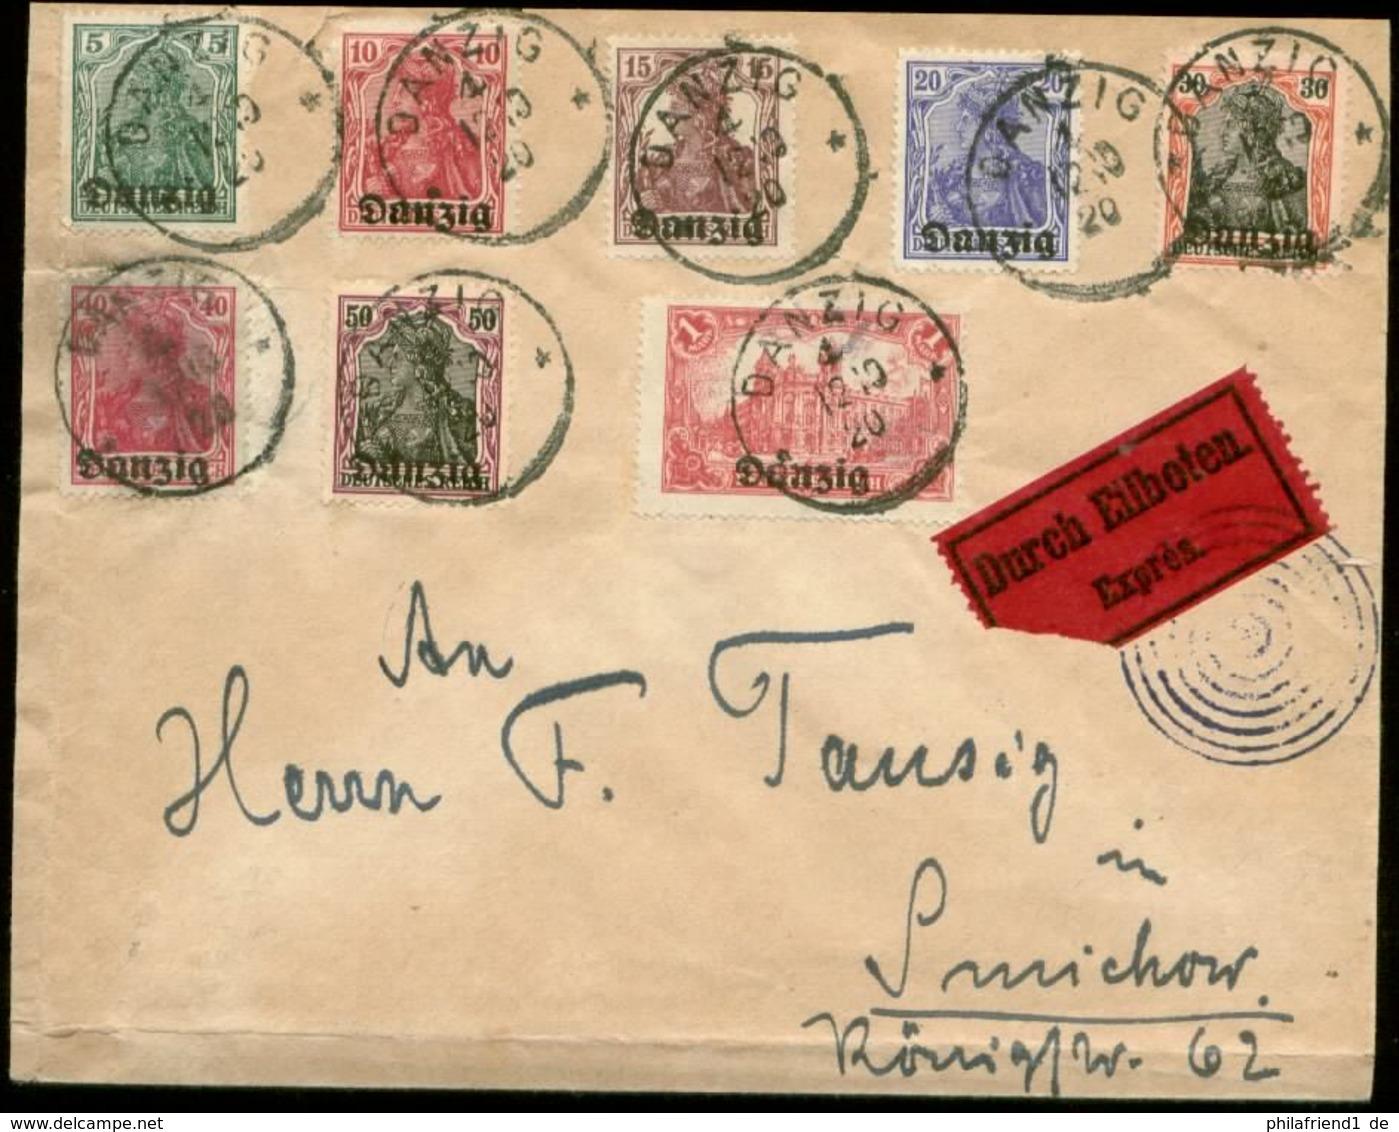 S8208 - Danzig Nr. 1-8 Auf Briefumschlag : Gebraucht Danzig 1920, Bedarfserhaltung. - Danzig